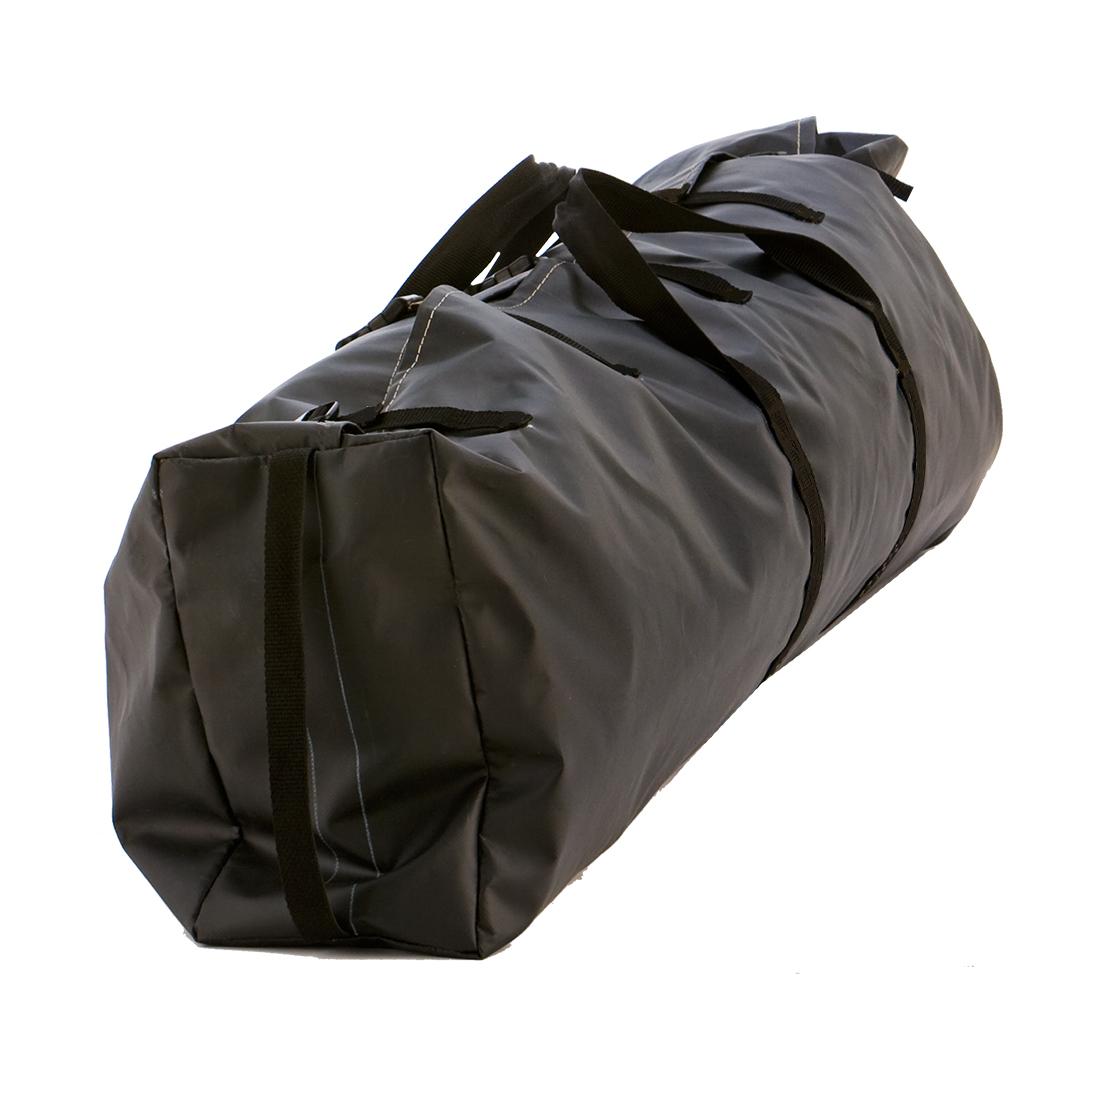 Indestructo Decon Shower Bag image